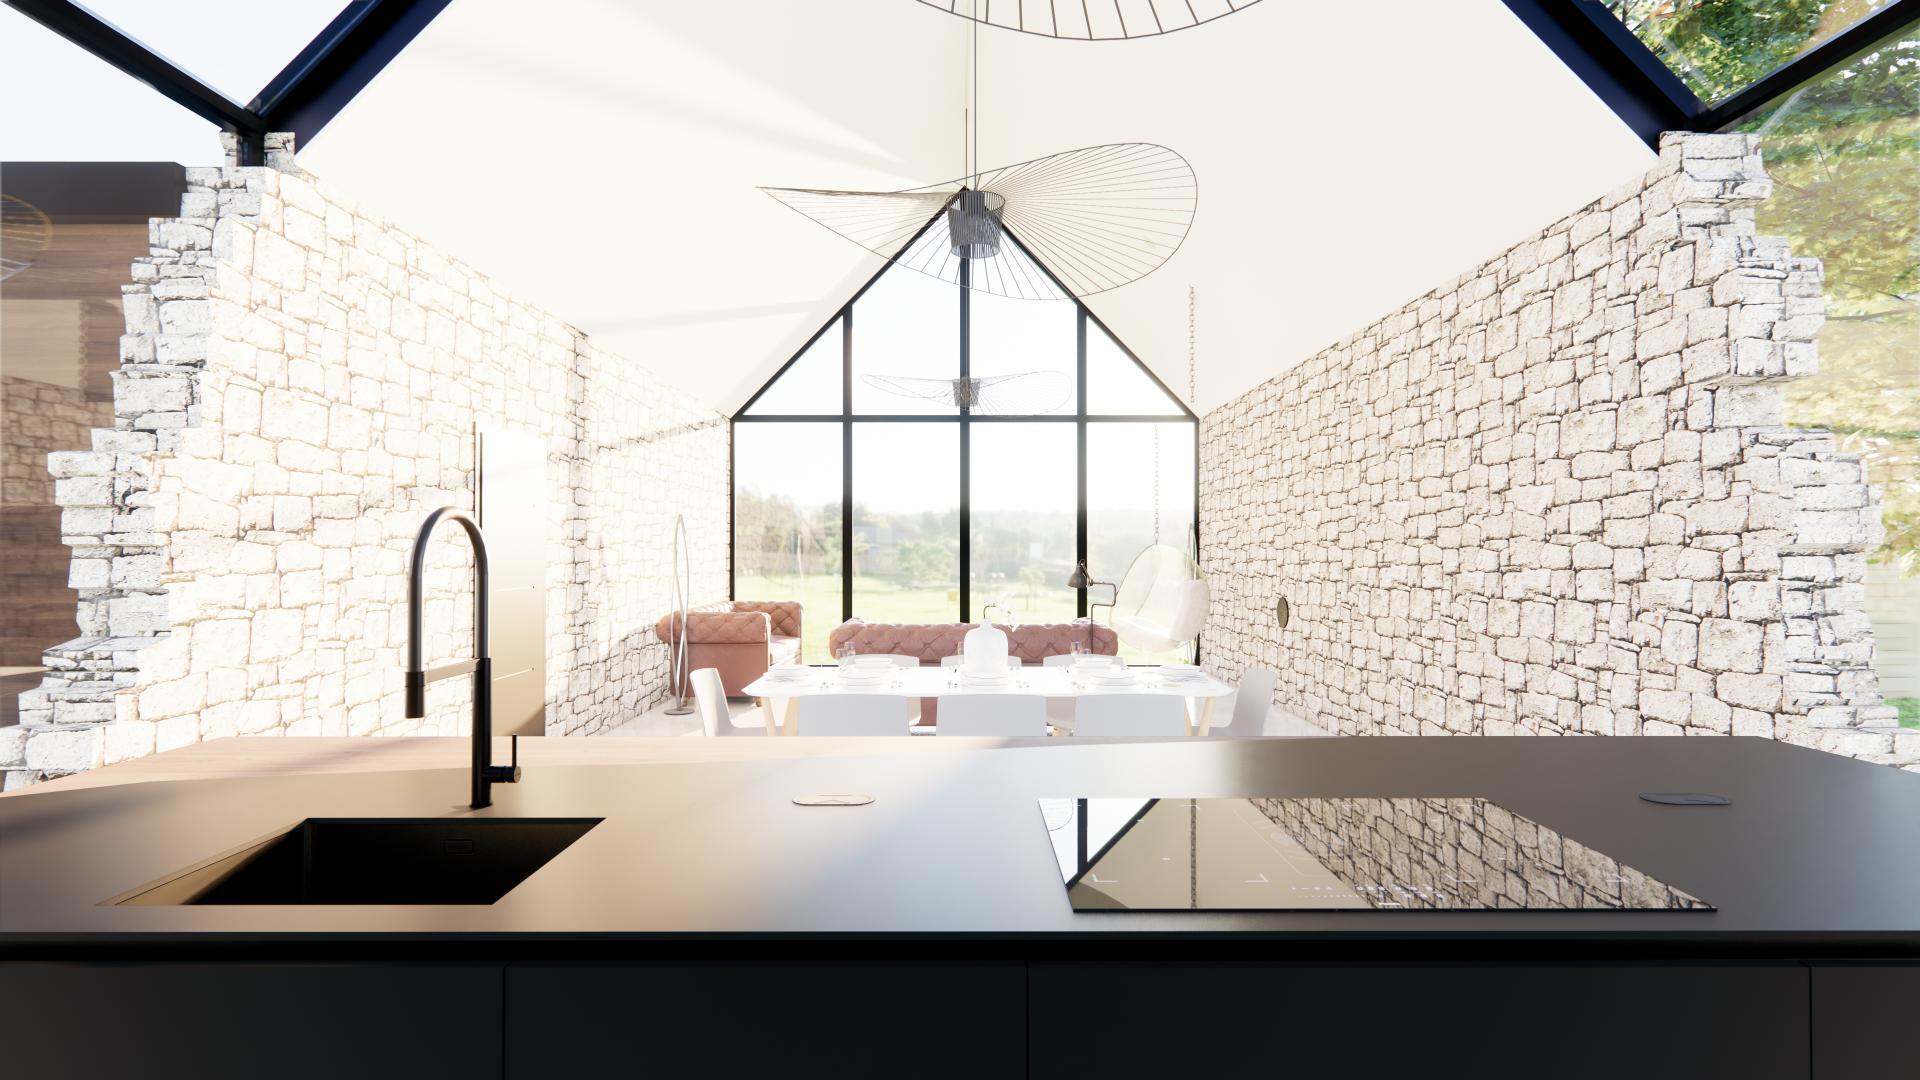 Cuisine noire maison moderne